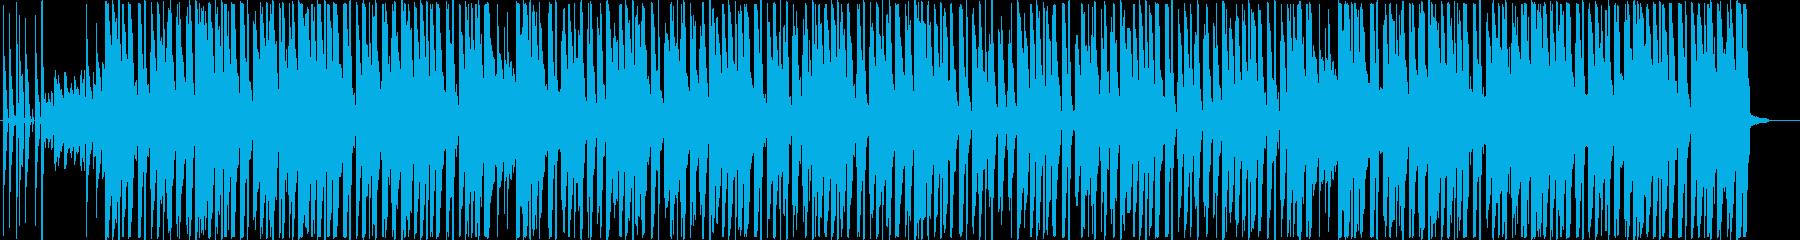 明るくかわいい R&B HIPHOPの再生済みの波形